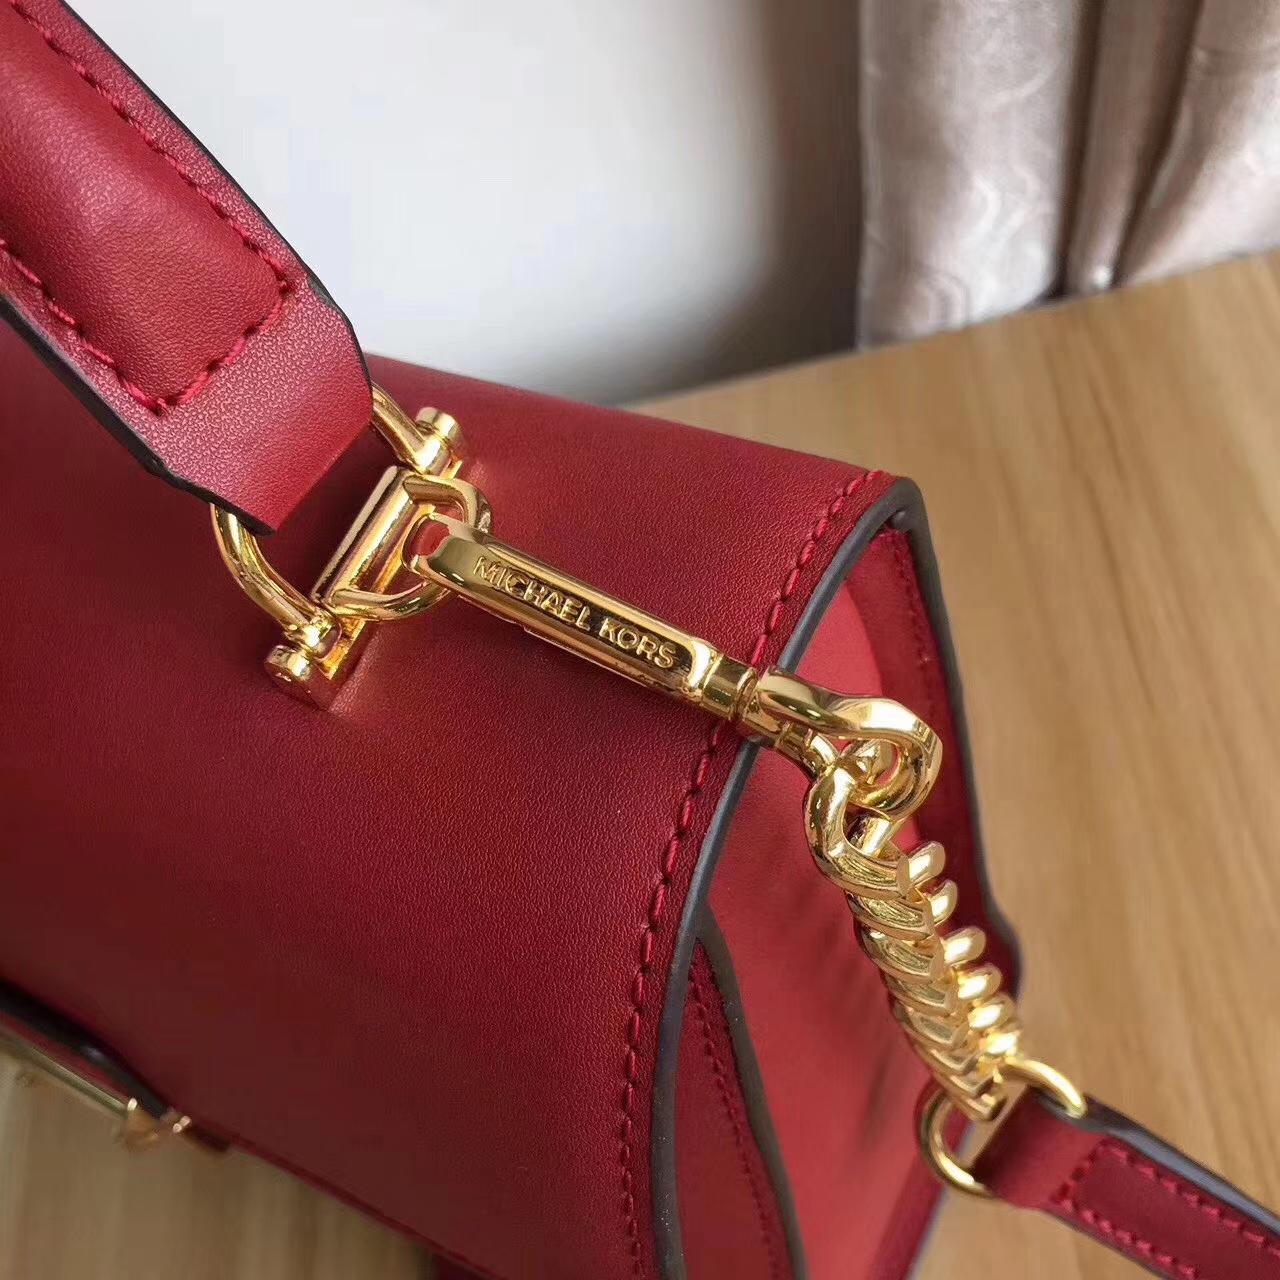 MK包包官网 迈克科尔斯17年新款头层纳帕牛皮手提女包24cm 樱桃红色